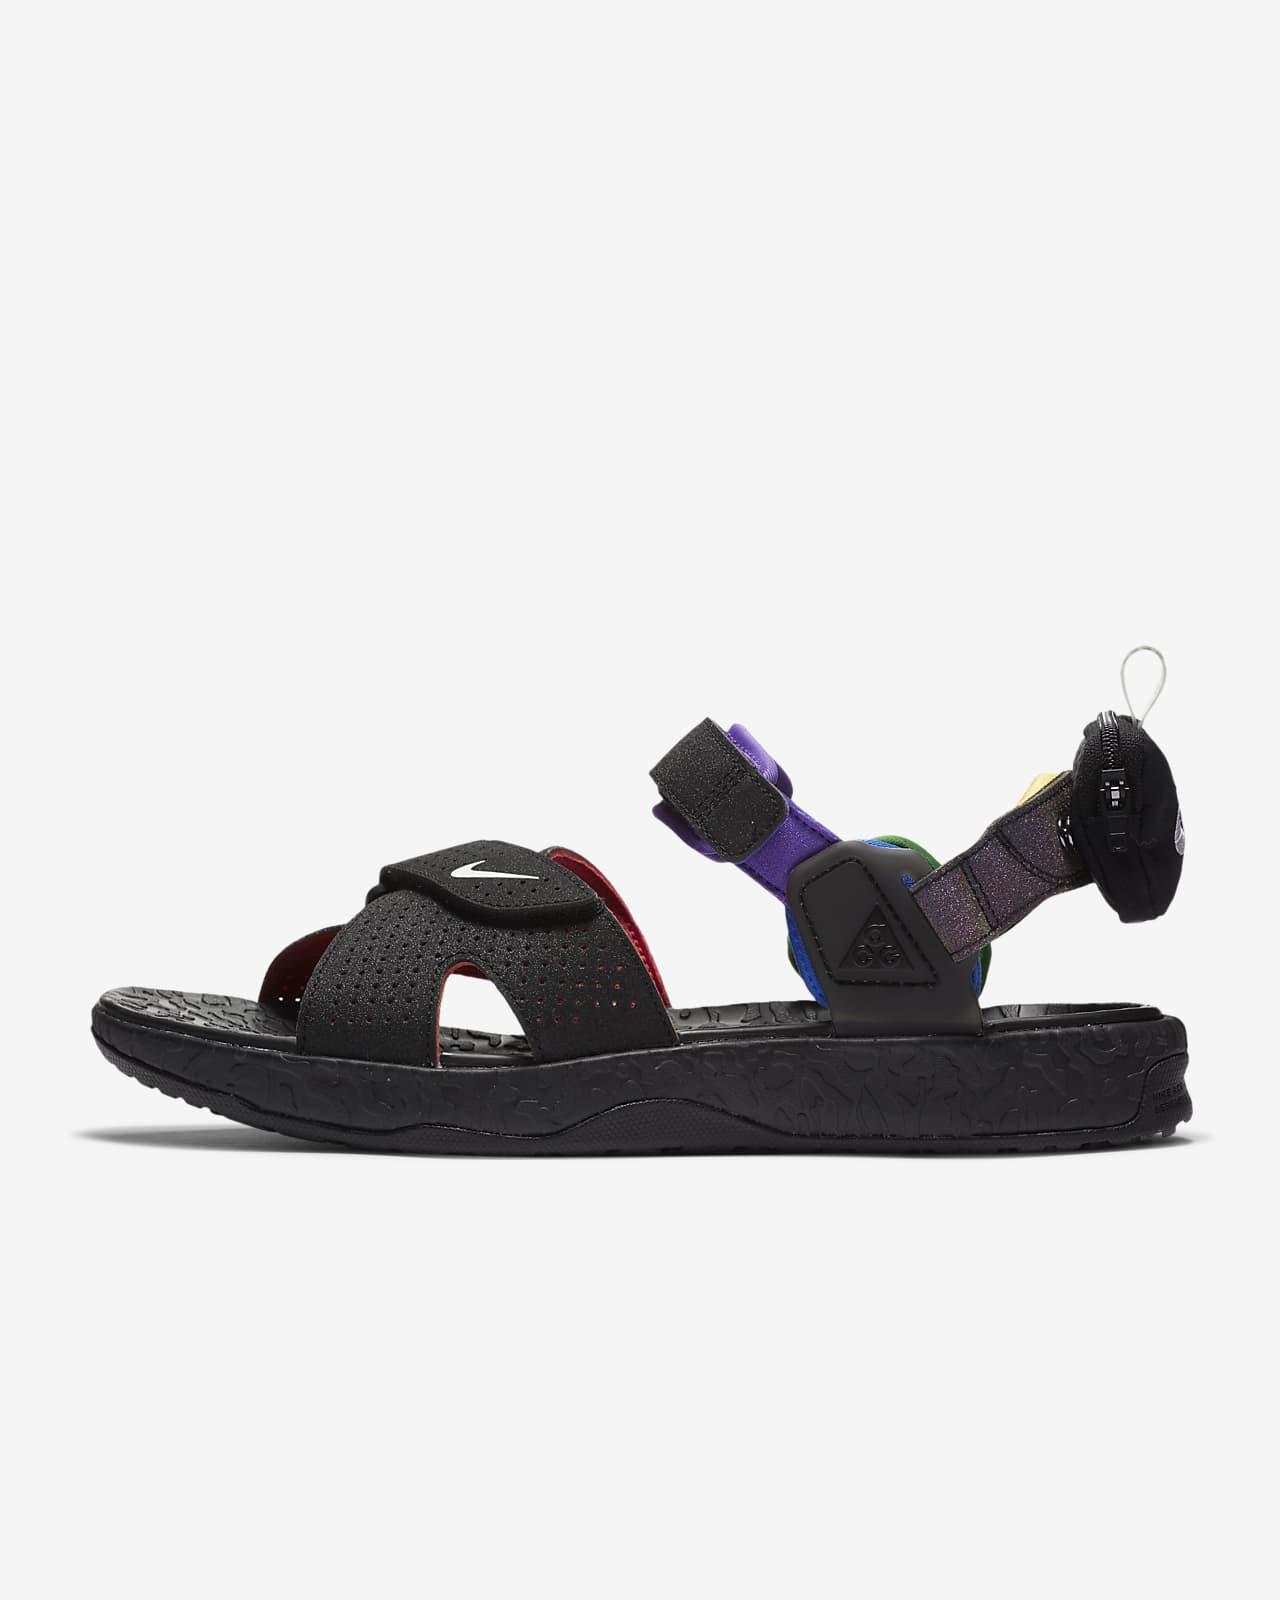 Nike Air Deschutz BETRUE 男子凉鞋